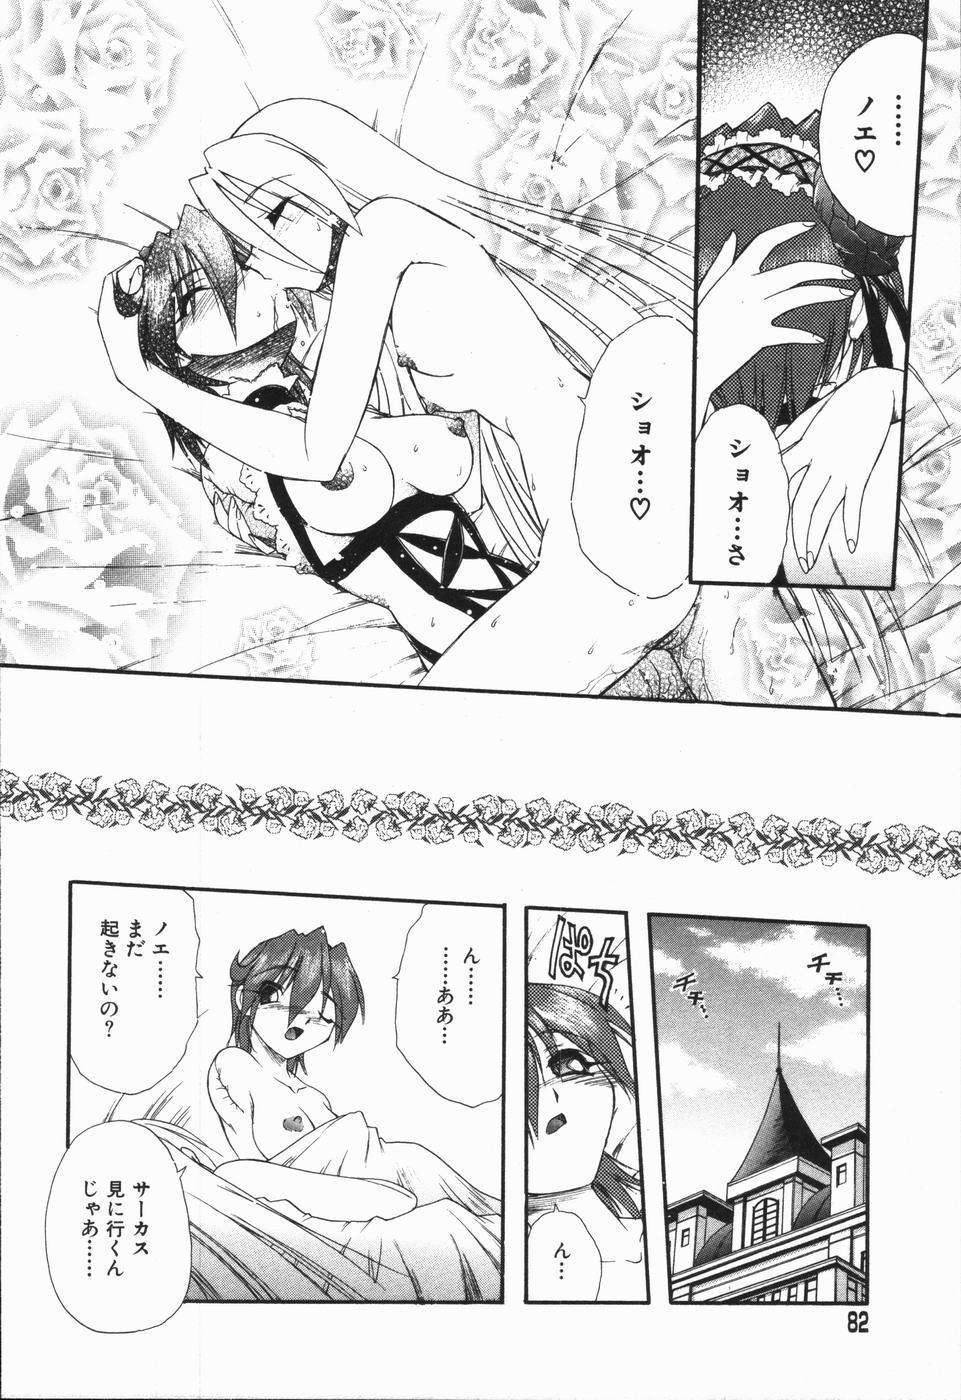 [Oka Sundome] Mebina-tachi no Gogo | -Maybe-na Afternoon- 77